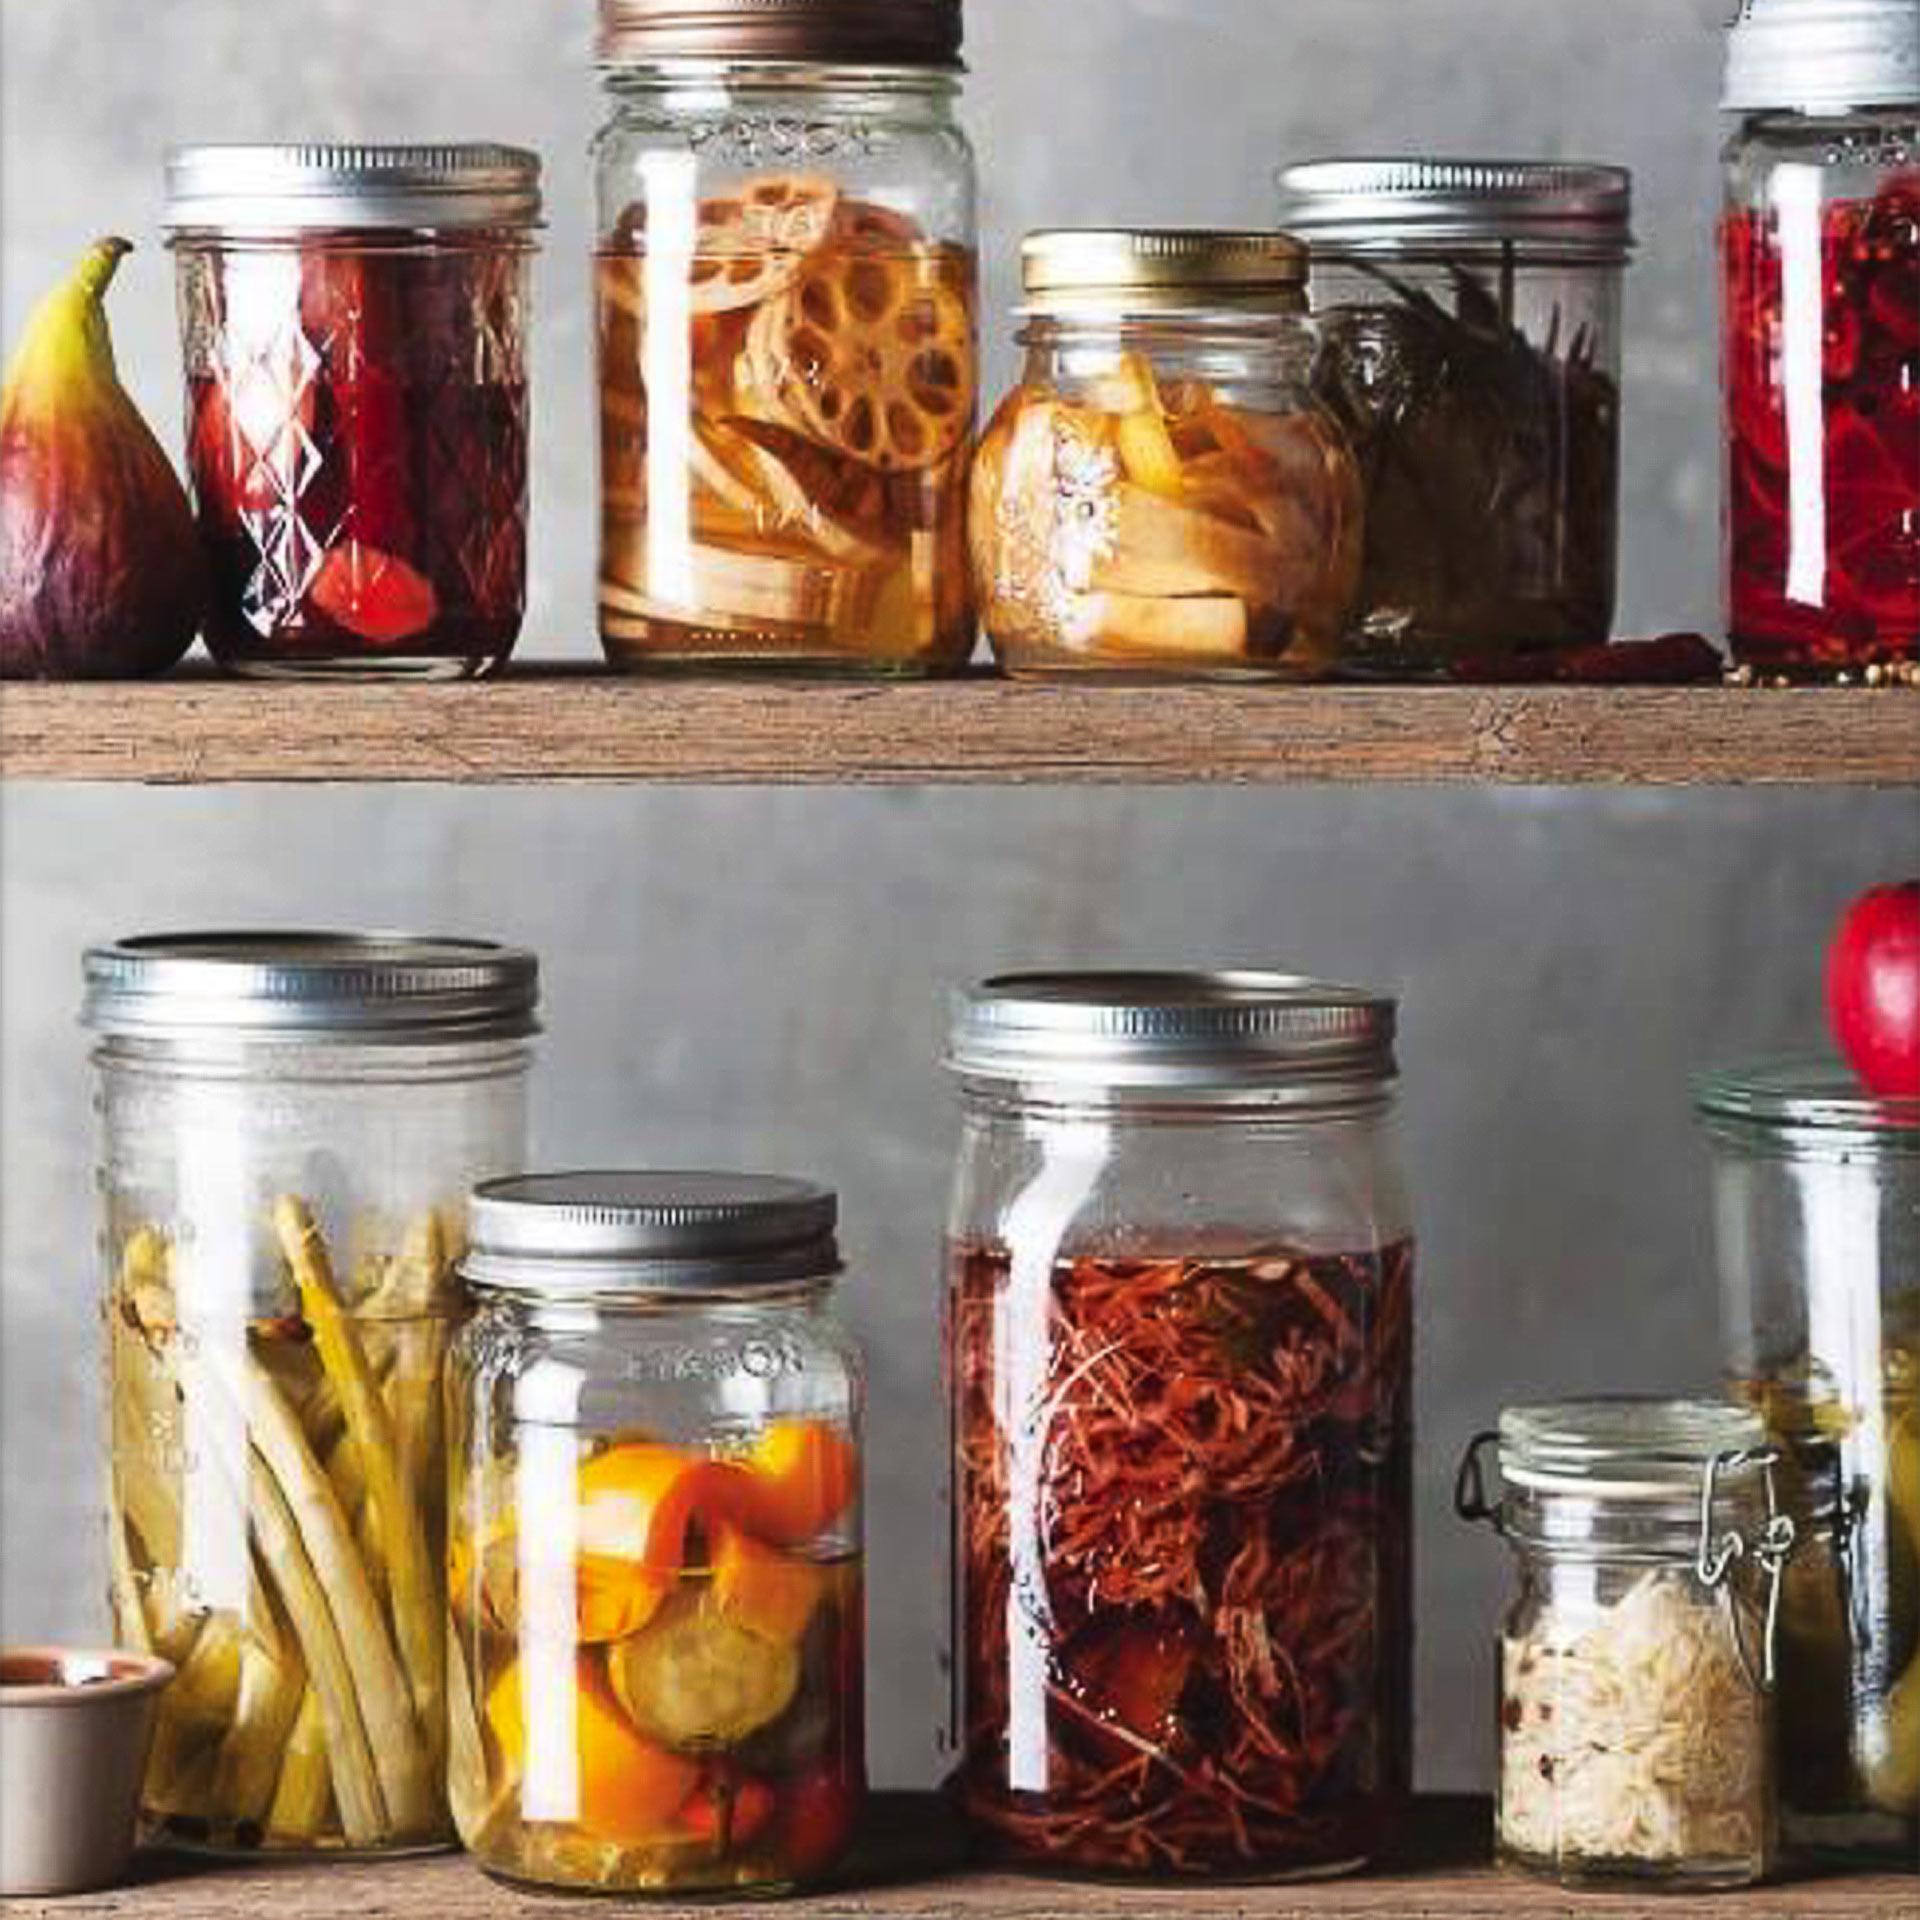 Gläser gefüllt mit fermentierten Lebensmittel